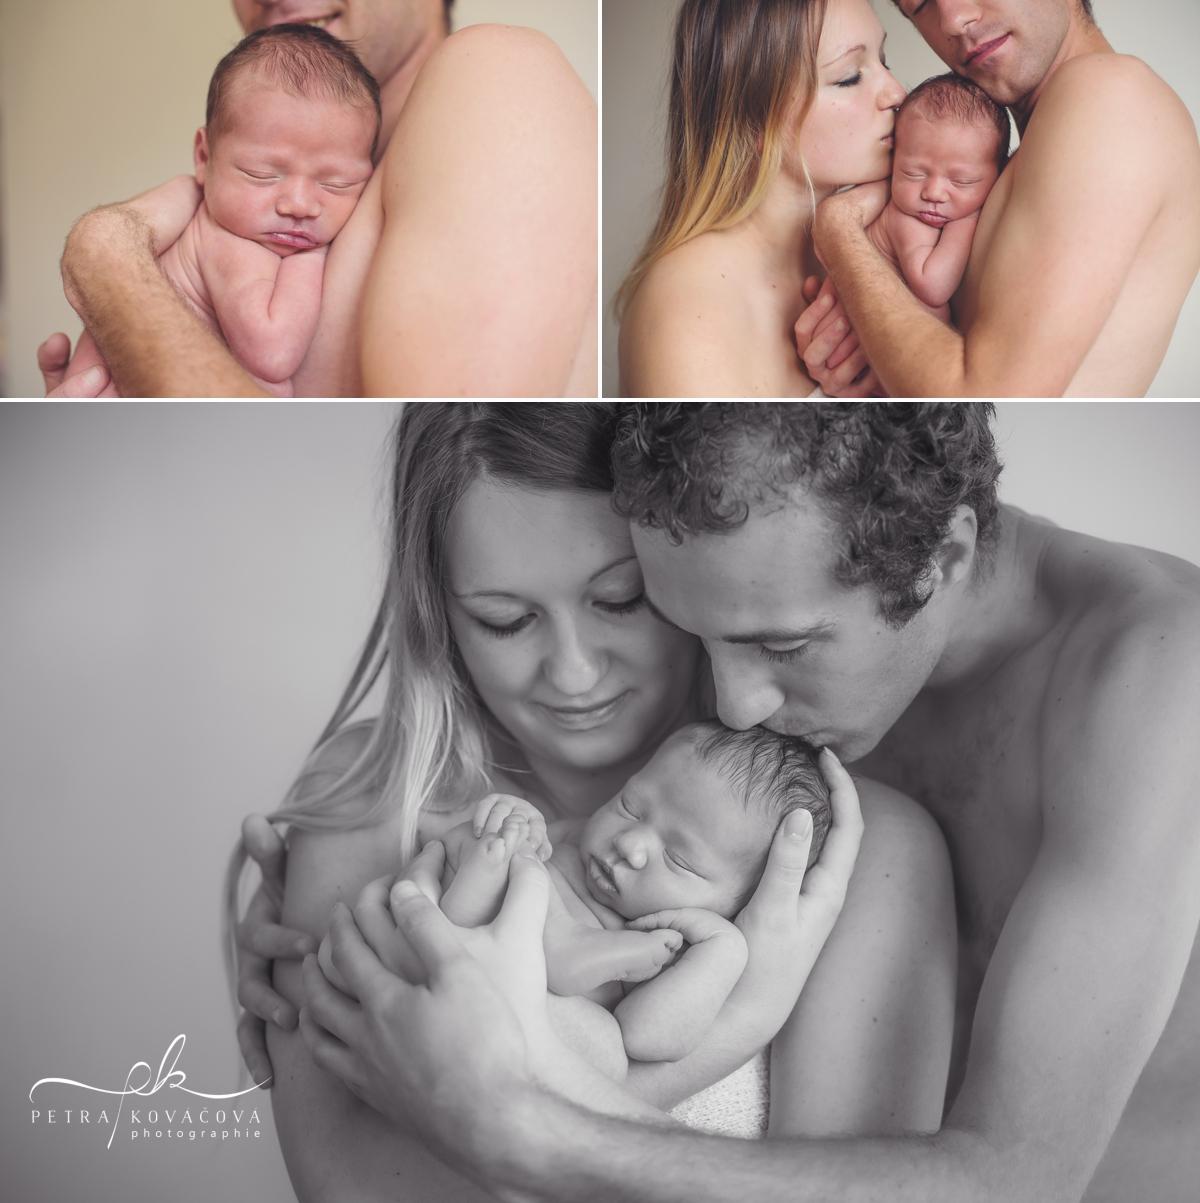 photographe-naissance-rennes-petra-kovacova-portrait-bébé-avec-parents